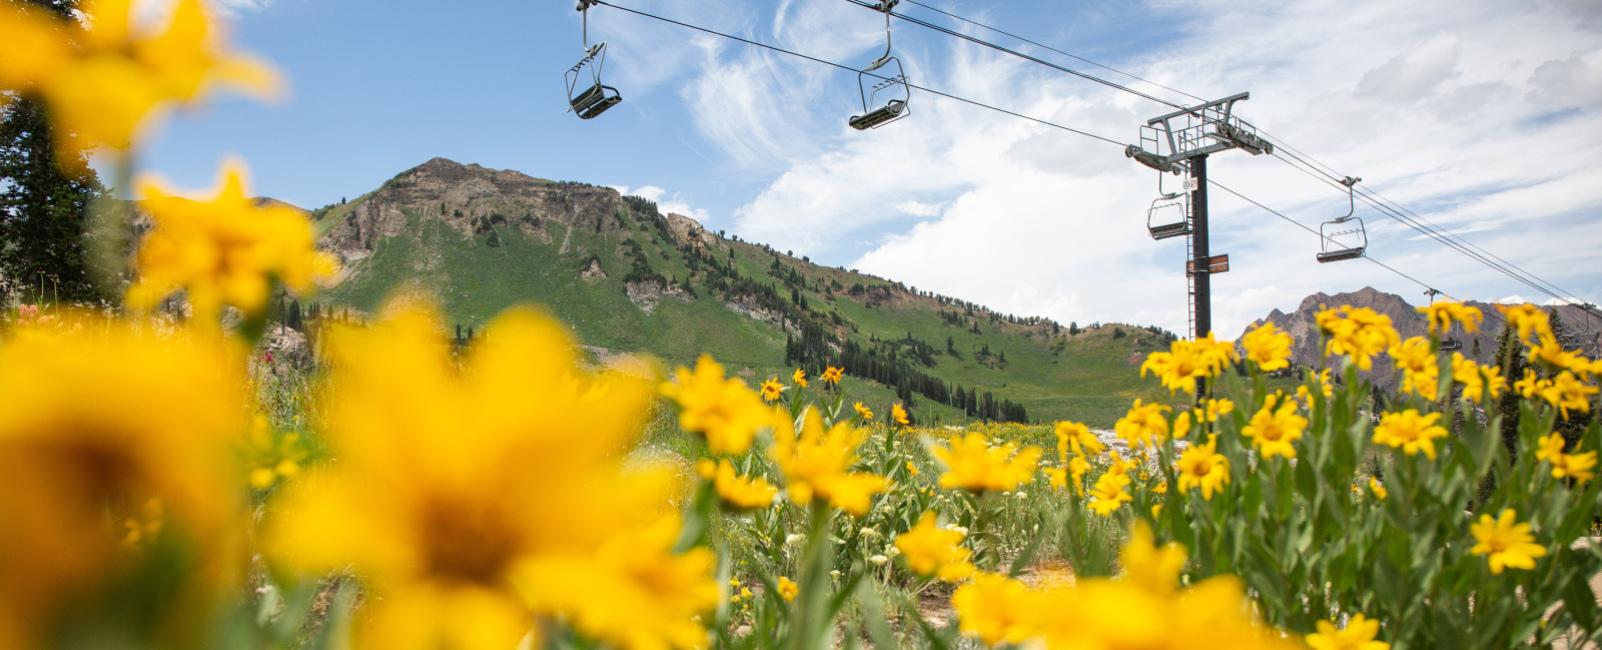 Summer at Utah's Resorts 2019